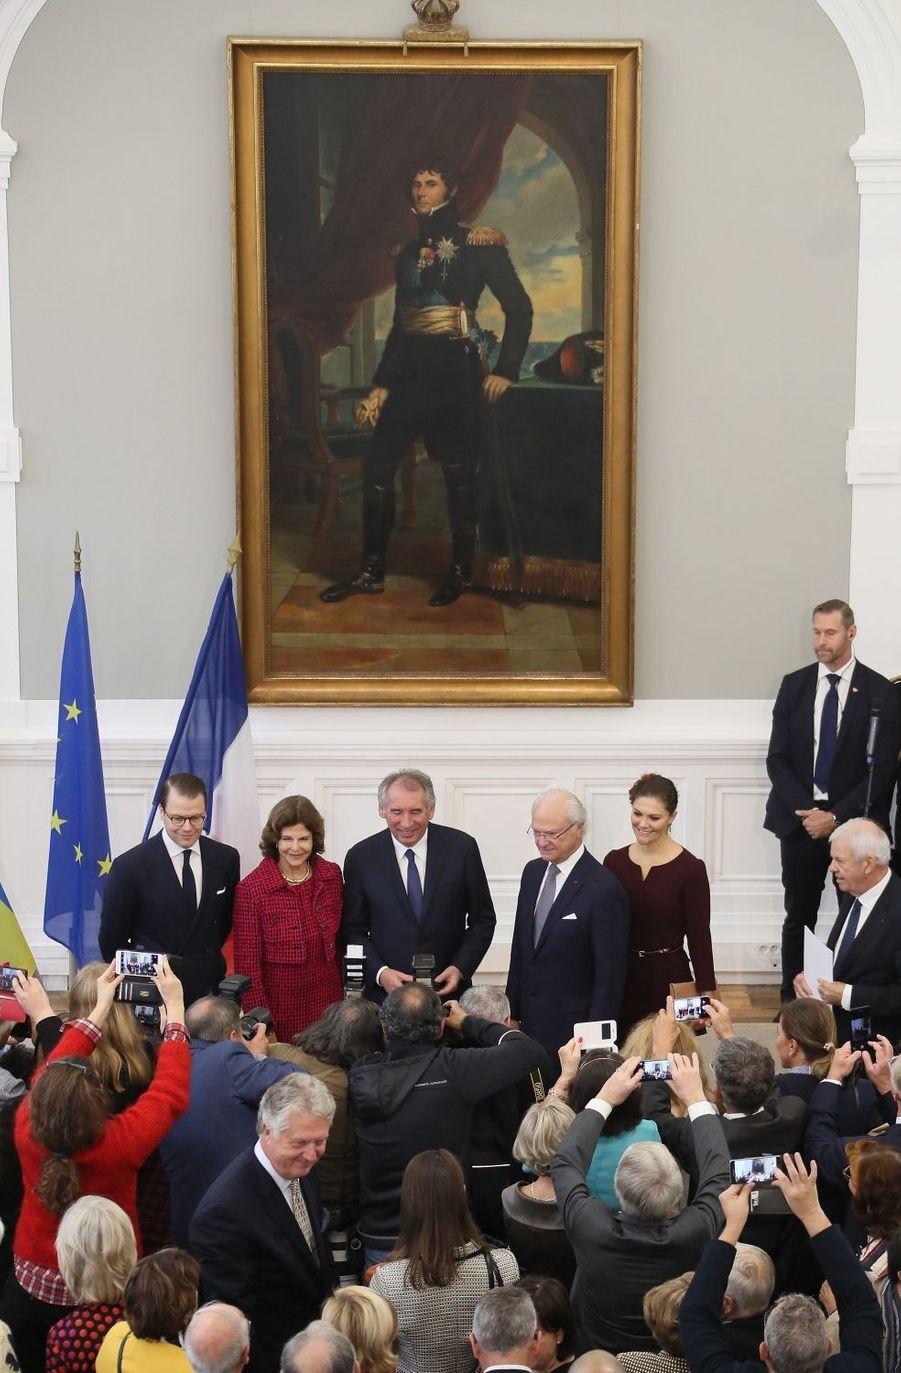 La famille royale de Suède avec François Bayrou à Pau, le 8 octobre 2018